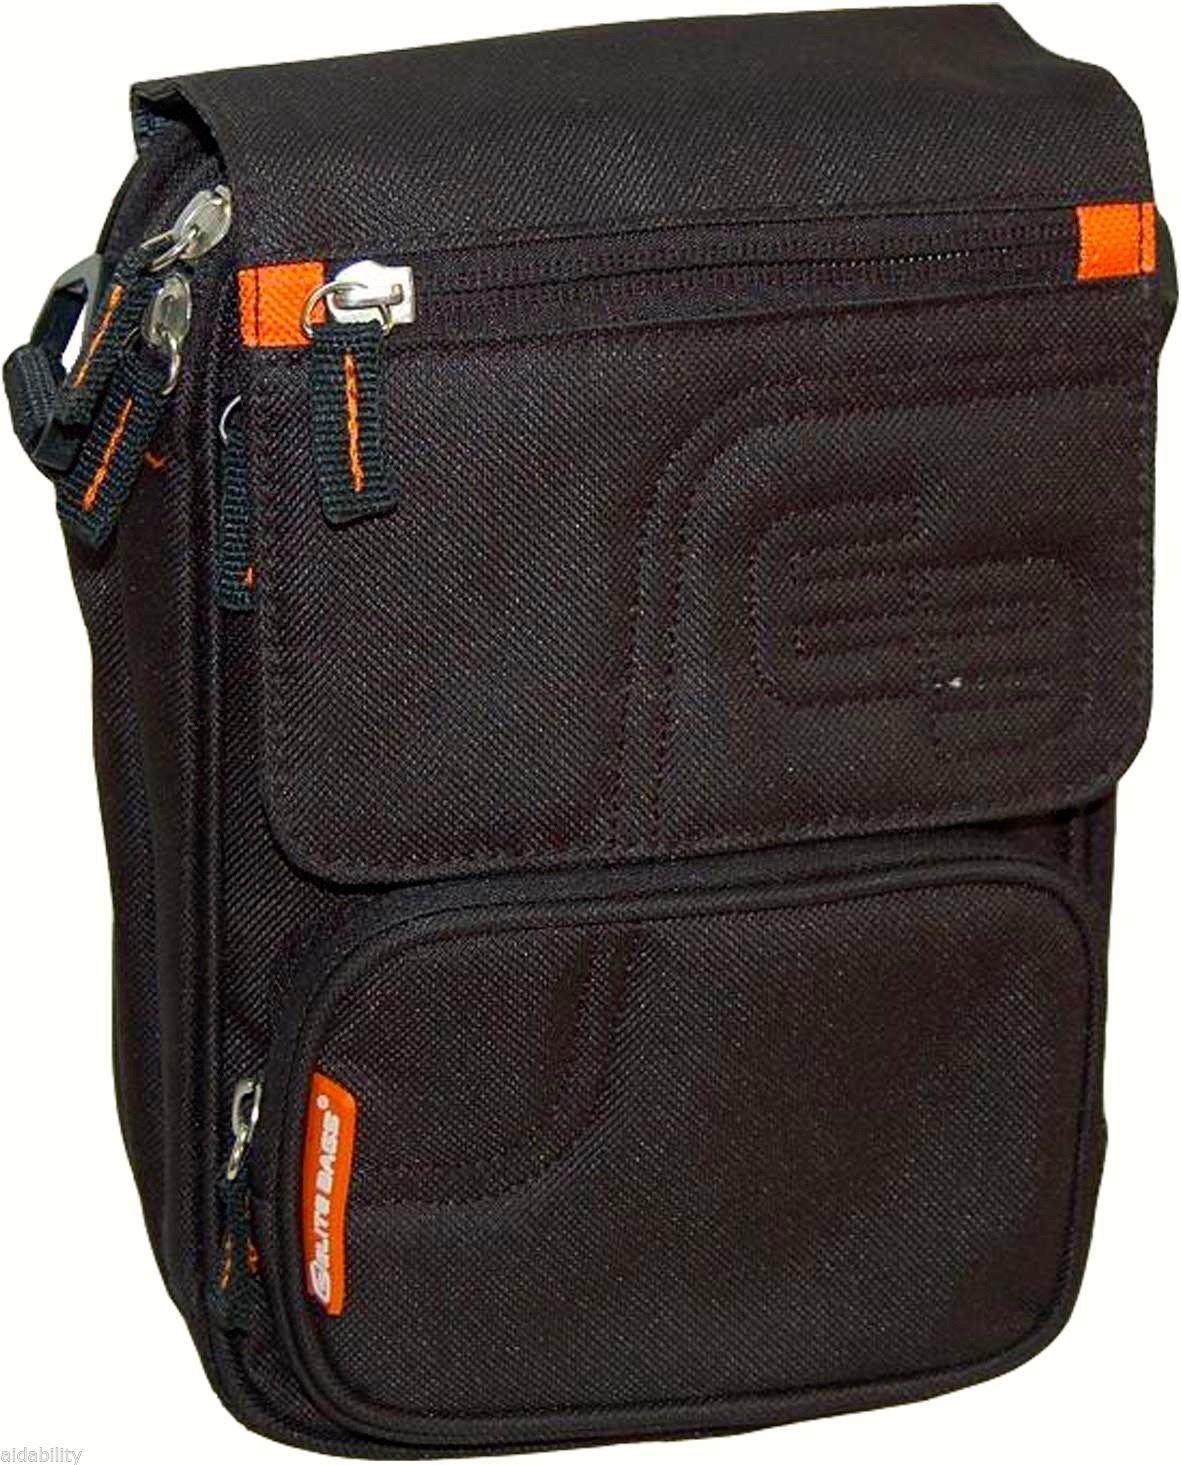 Вместительная изотермическая сумка для диабетика